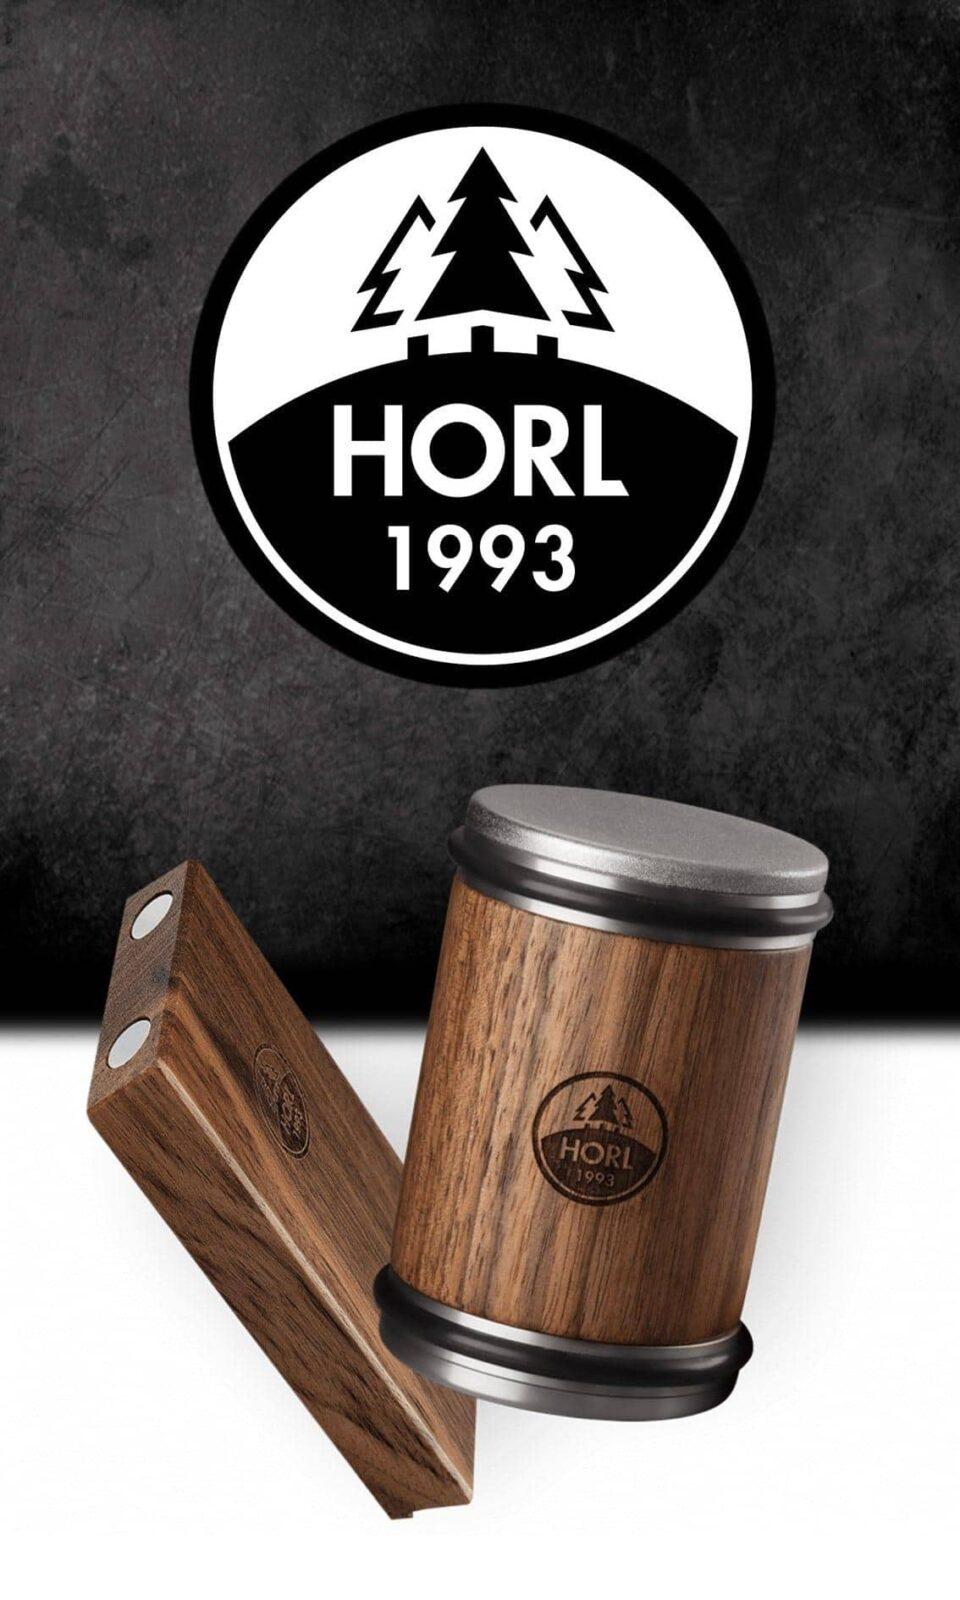 Horl 1993